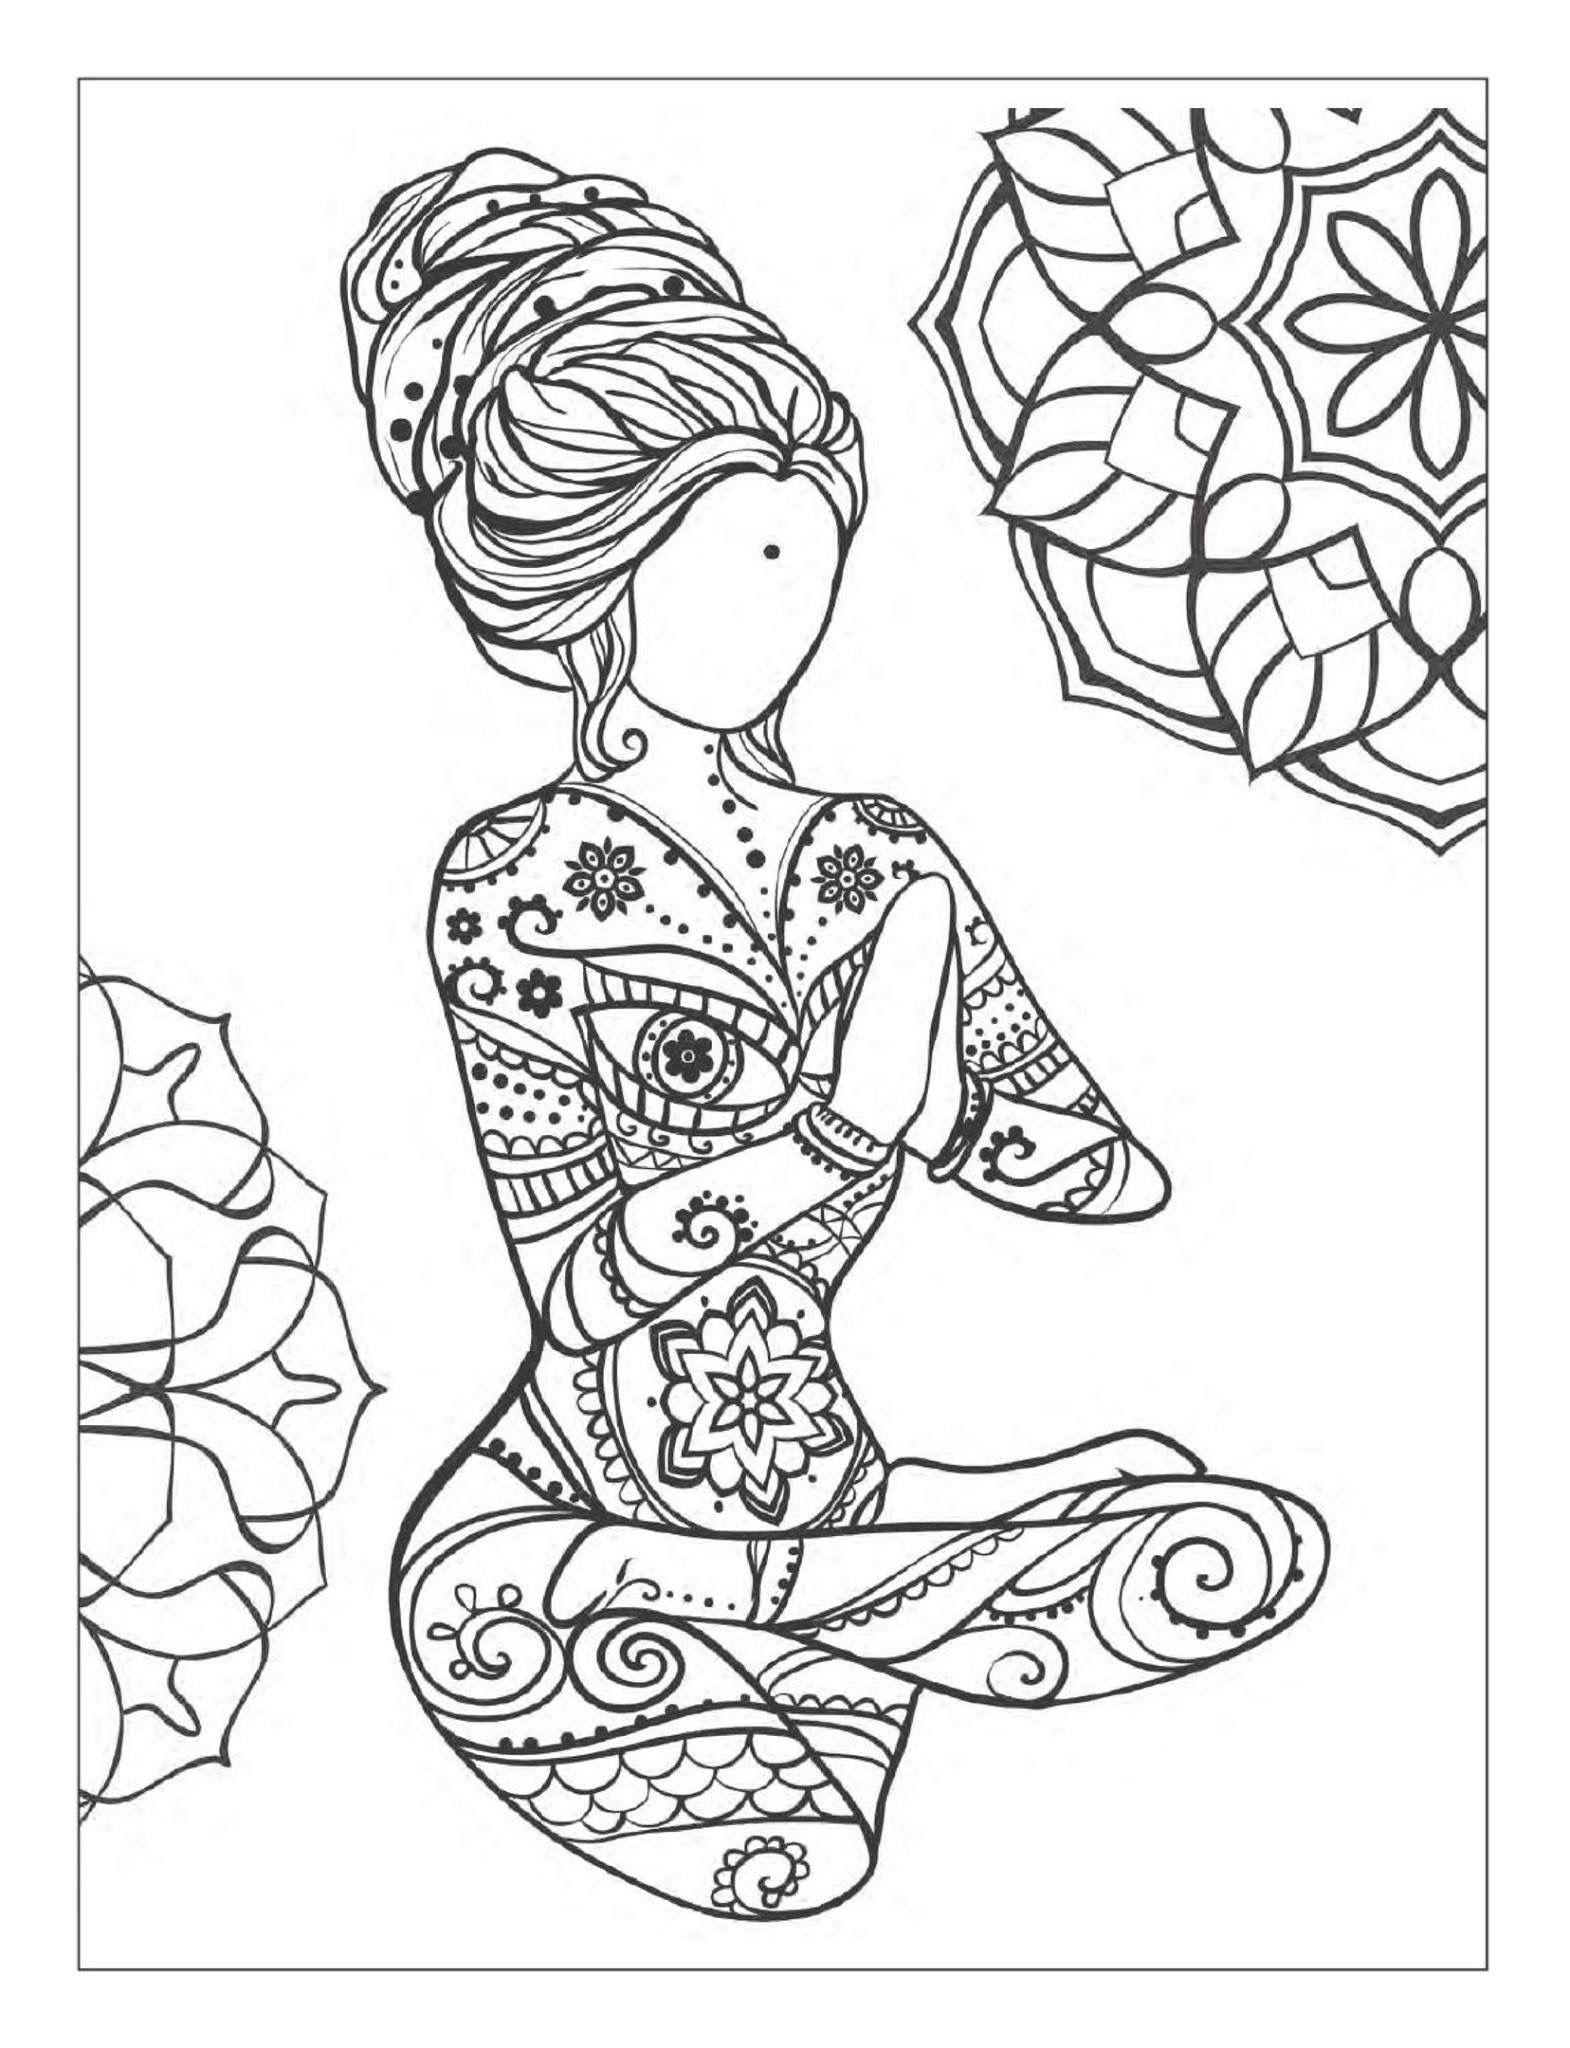 Pin By Nilam Shah On Yoga Mandala Coloring Mandala Coloring Books Mandala Coloring Pages [ 2048 x 1570 Pixel ]